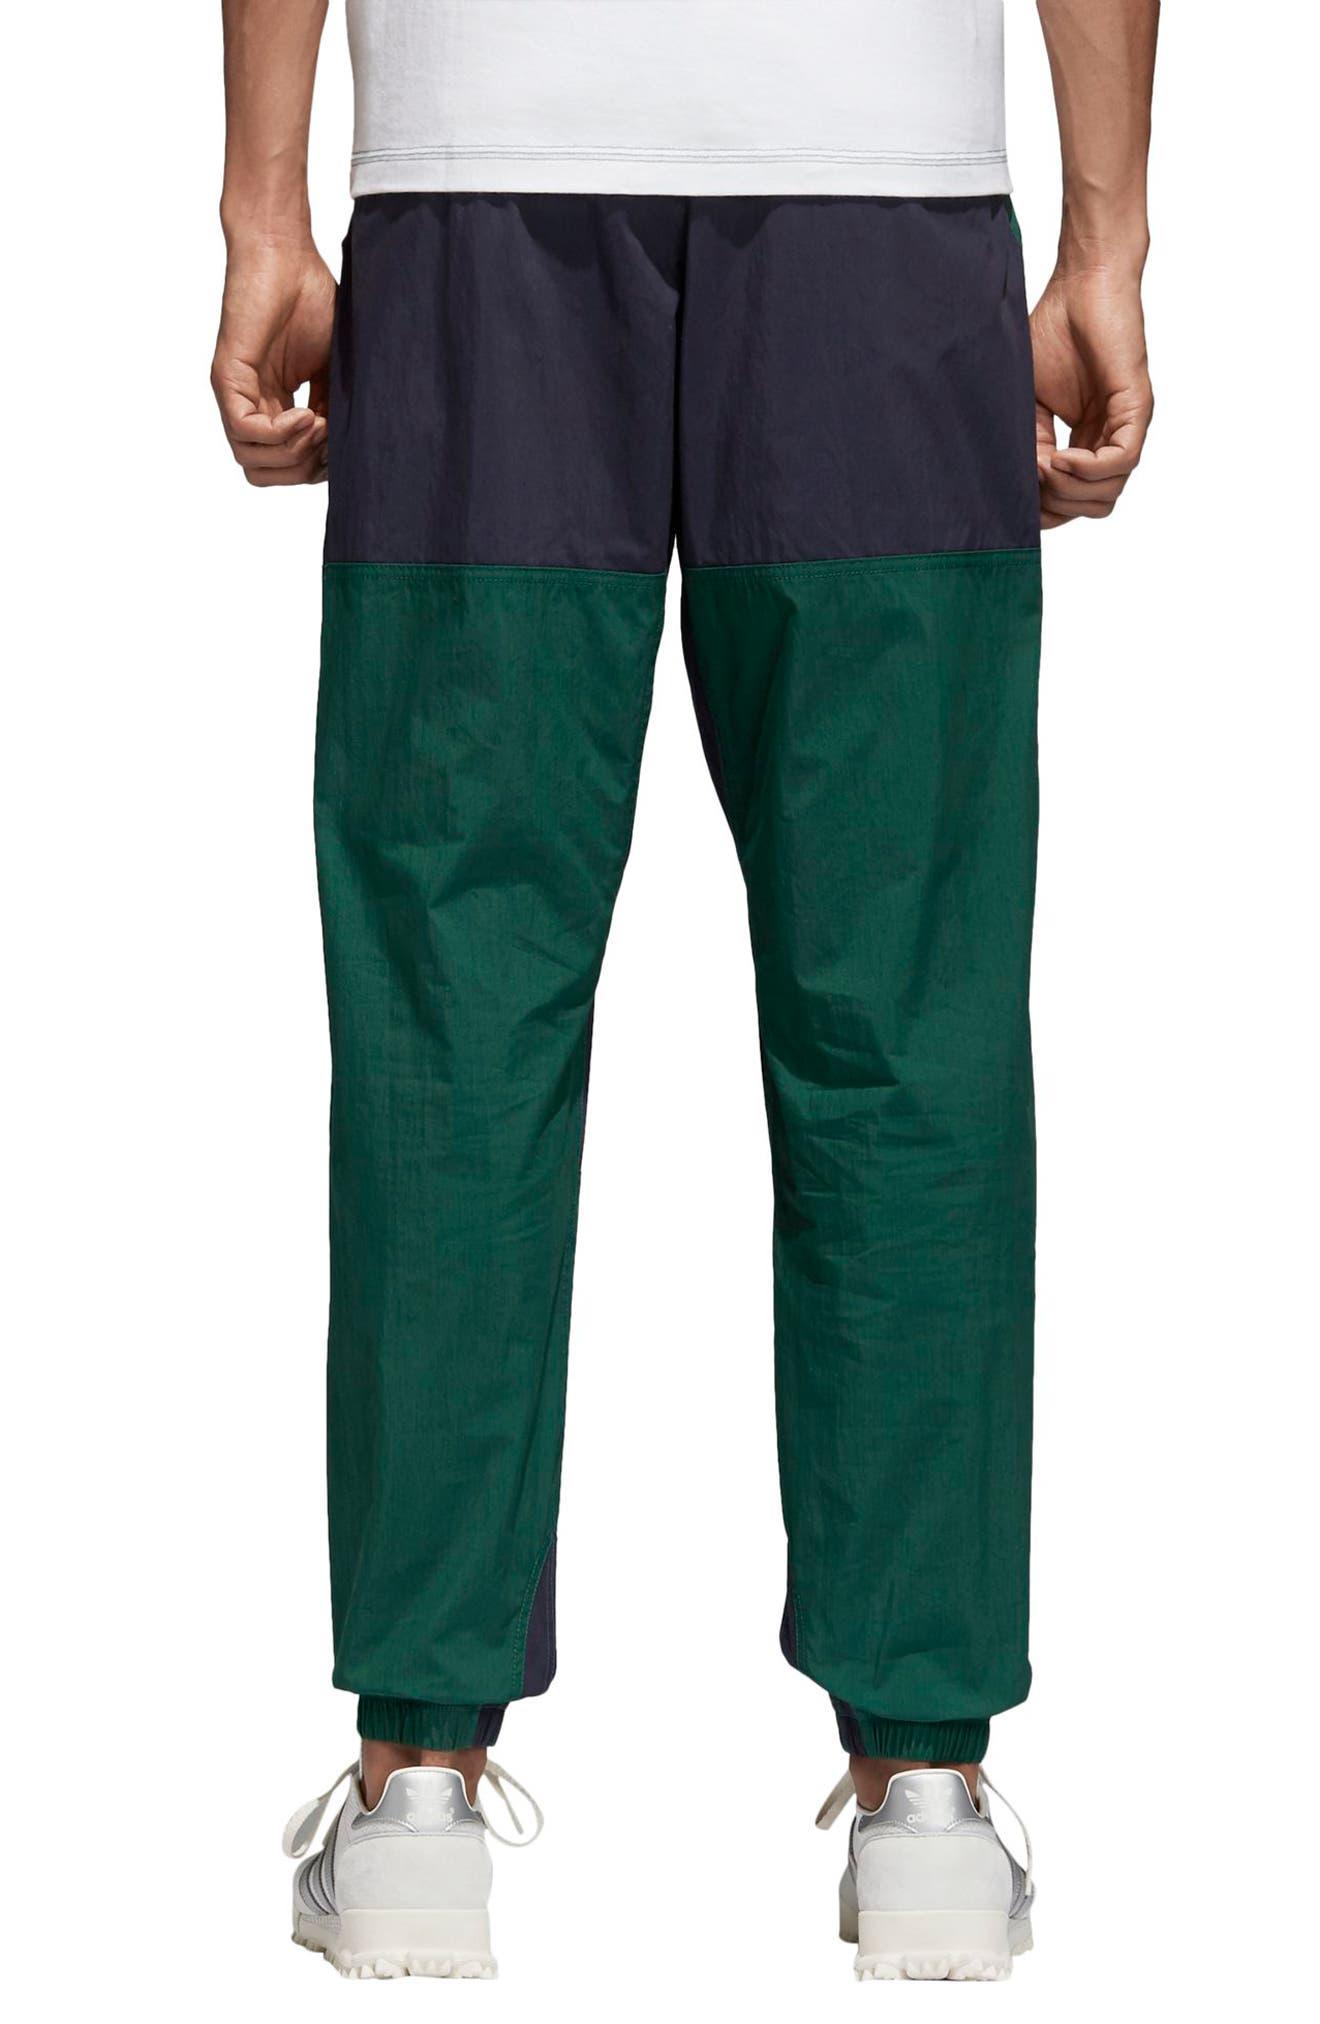 Atric Slim Fit Pants,                             Alternate thumbnail 2, color,                             Collegiate Green